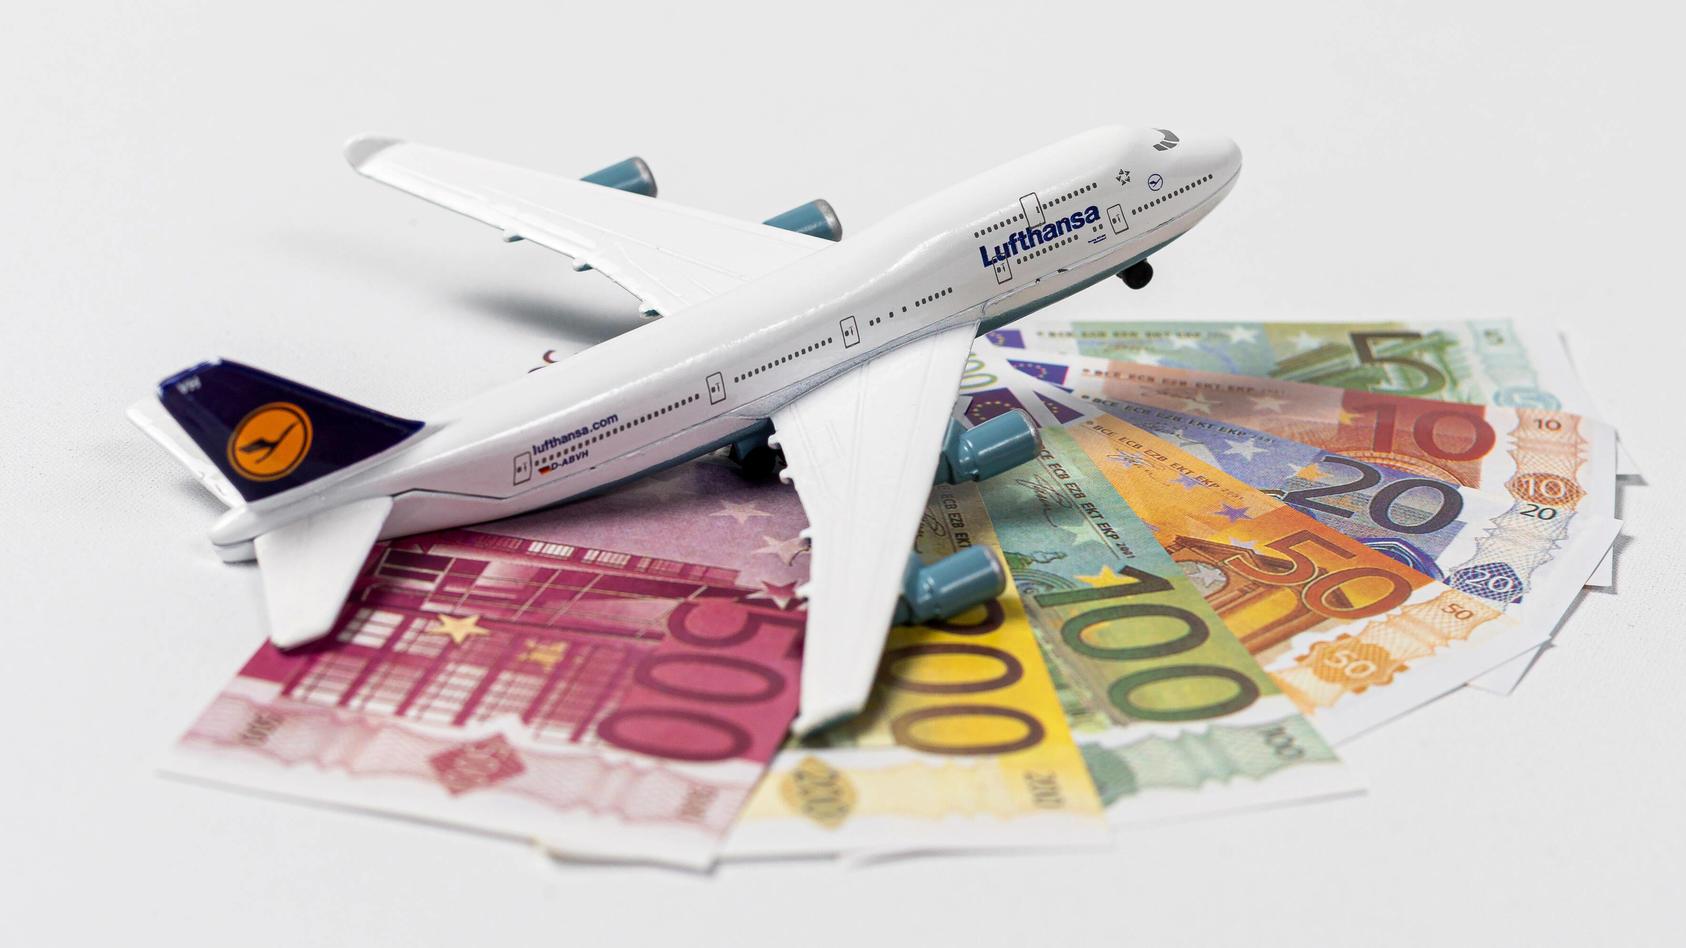 Wie sieht es in der Krise mit der Rückerstattungsmoral der Airlines aus?